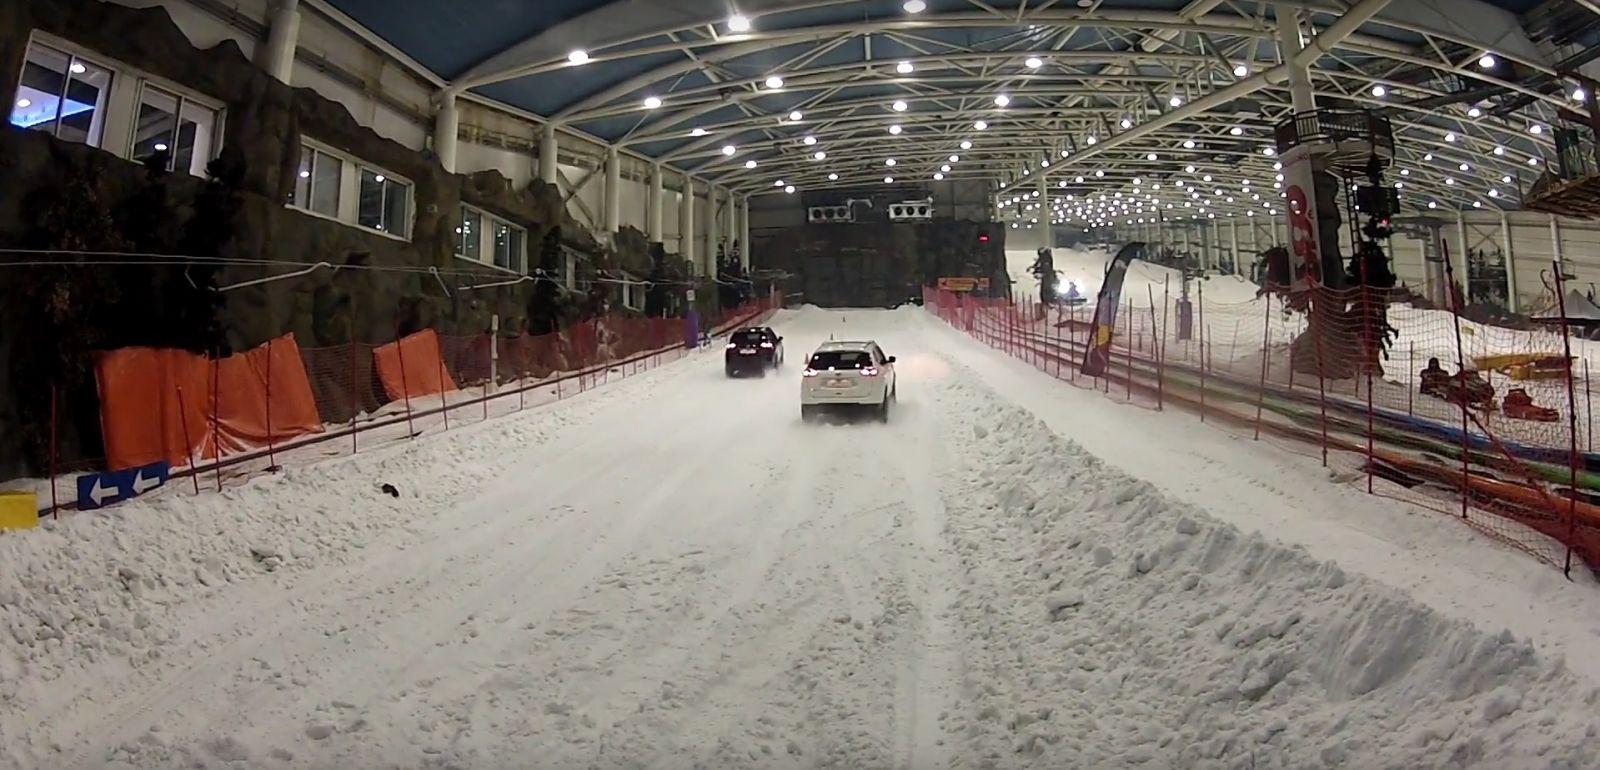 Prueba de neumáticos de invierno en la pista de nieve SnowZone de Madrid Xanadú (Arroyomolinos).